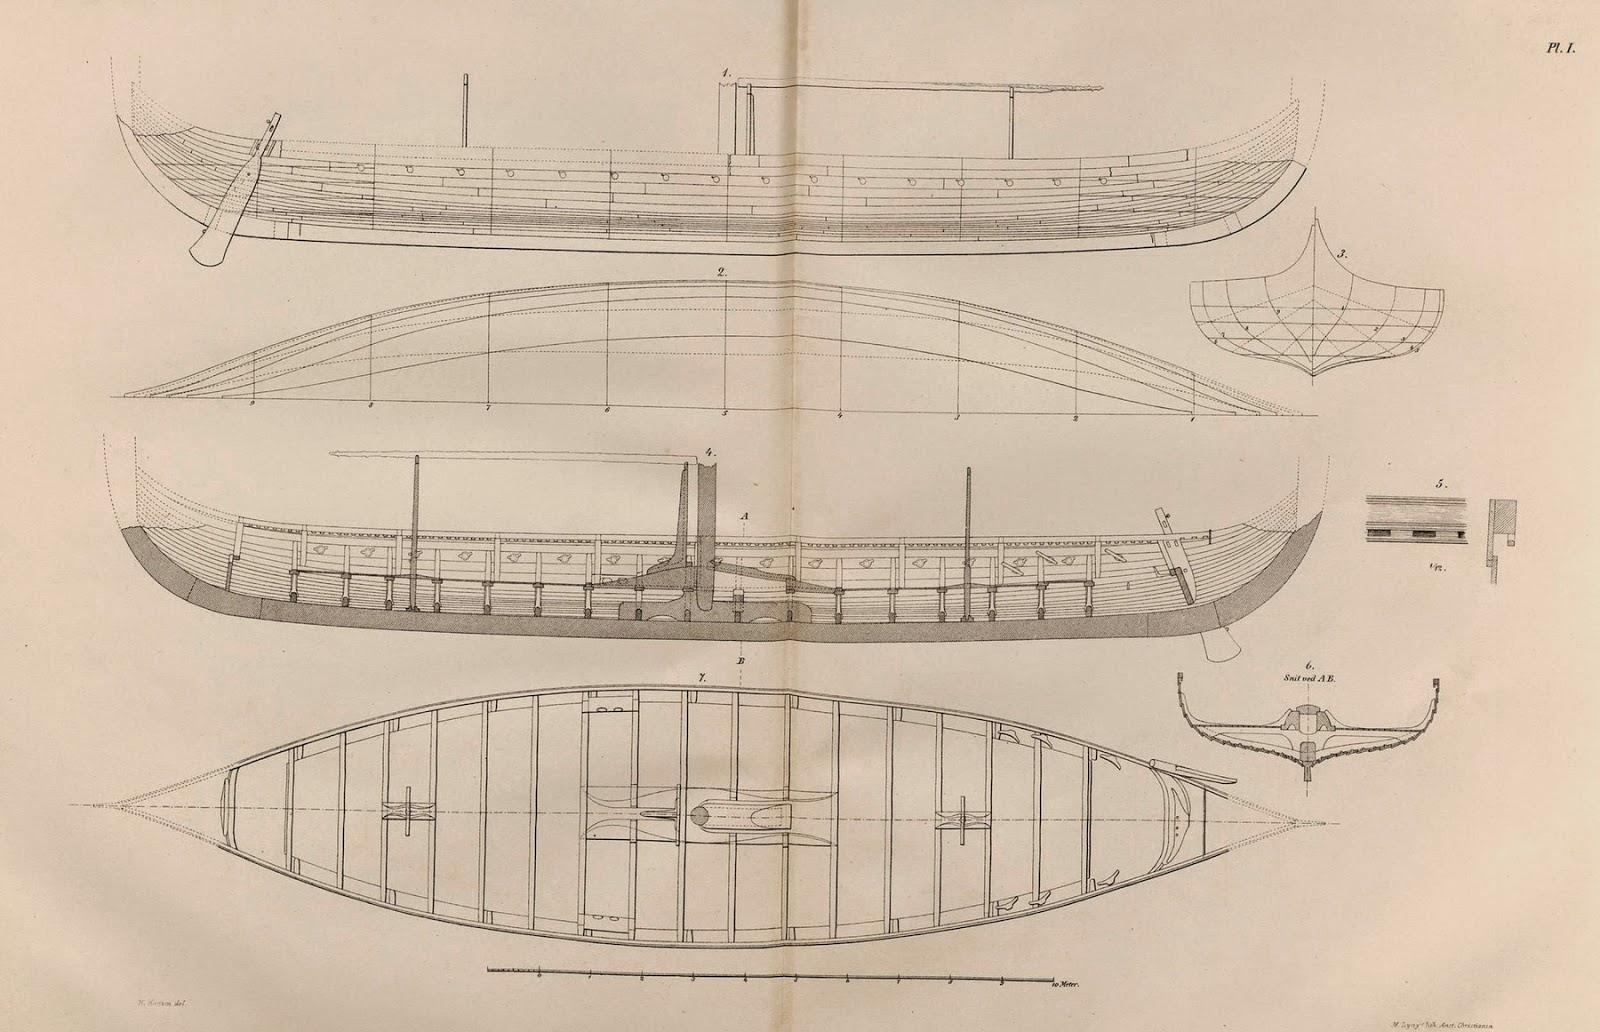 hight resolution of gokstad ship